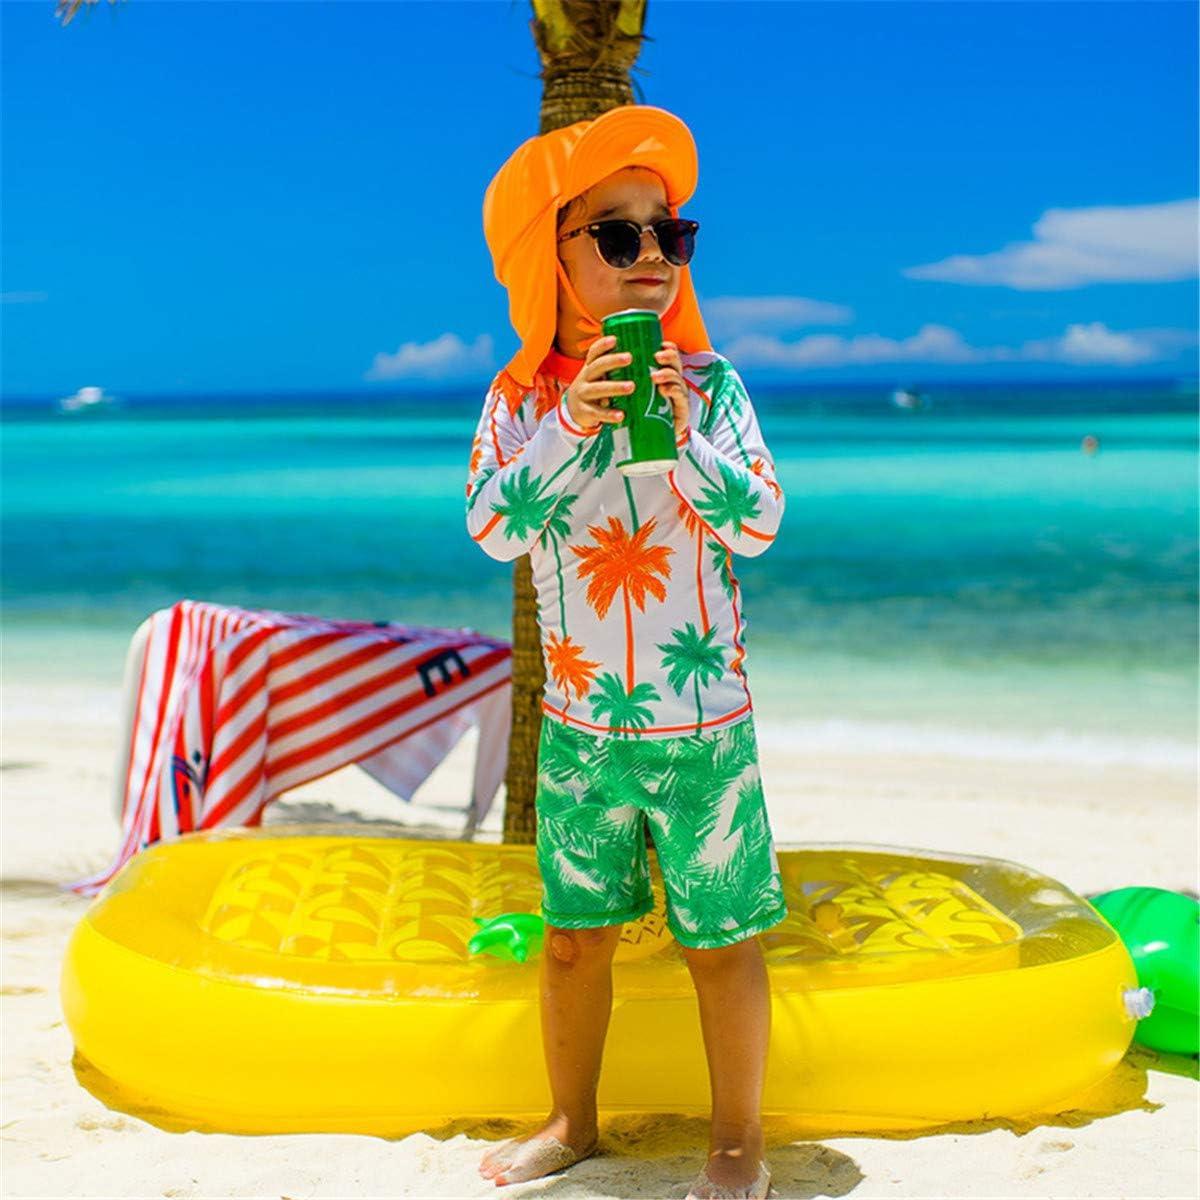 Kinder Jungen Kleinkinder Two Piece Uv-Schutz Schwimmanzug Kokosnussbaum Drucken Sunsuit Schwimmbekleidung Bade-Set Kurz Tops+Badehose mit Hut